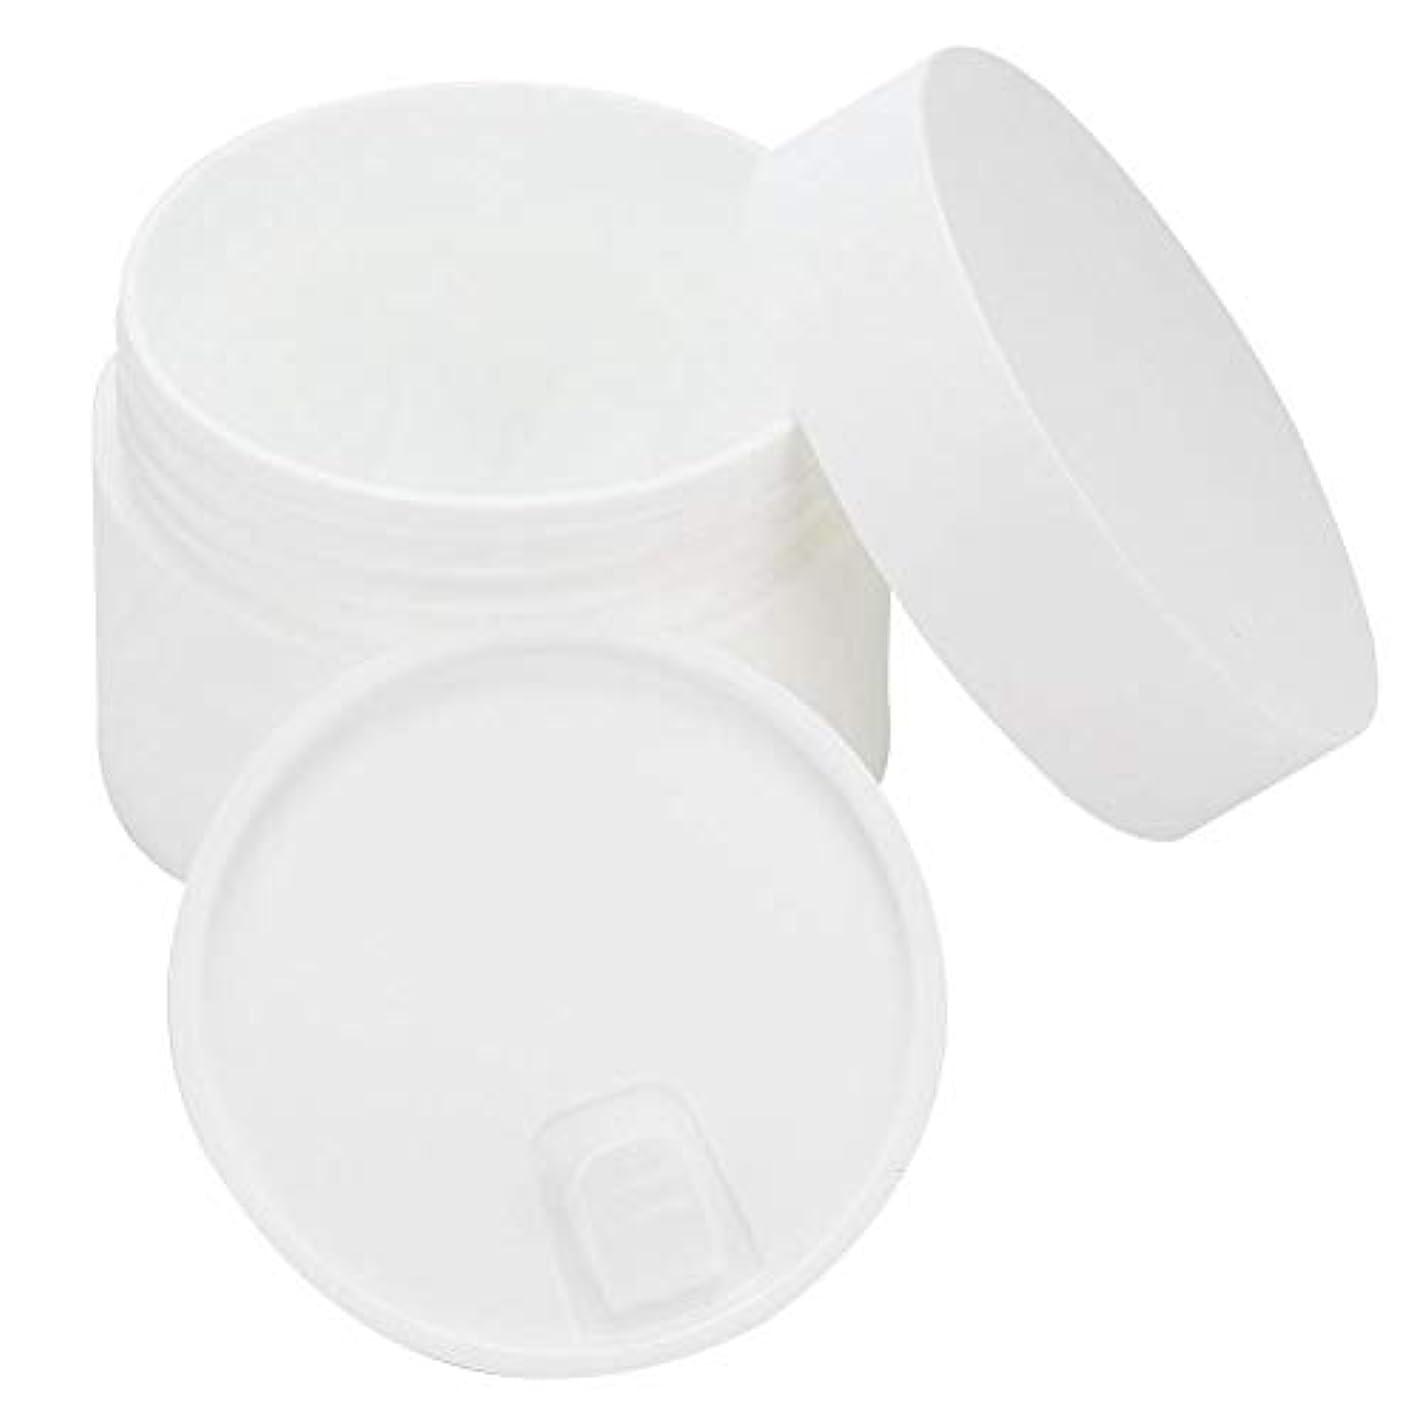 調停者離す耐えられない30g空の旅行フェイシャルクリームボトル充填可能なスキンケア製品容器ボトルDIYマスクボトル